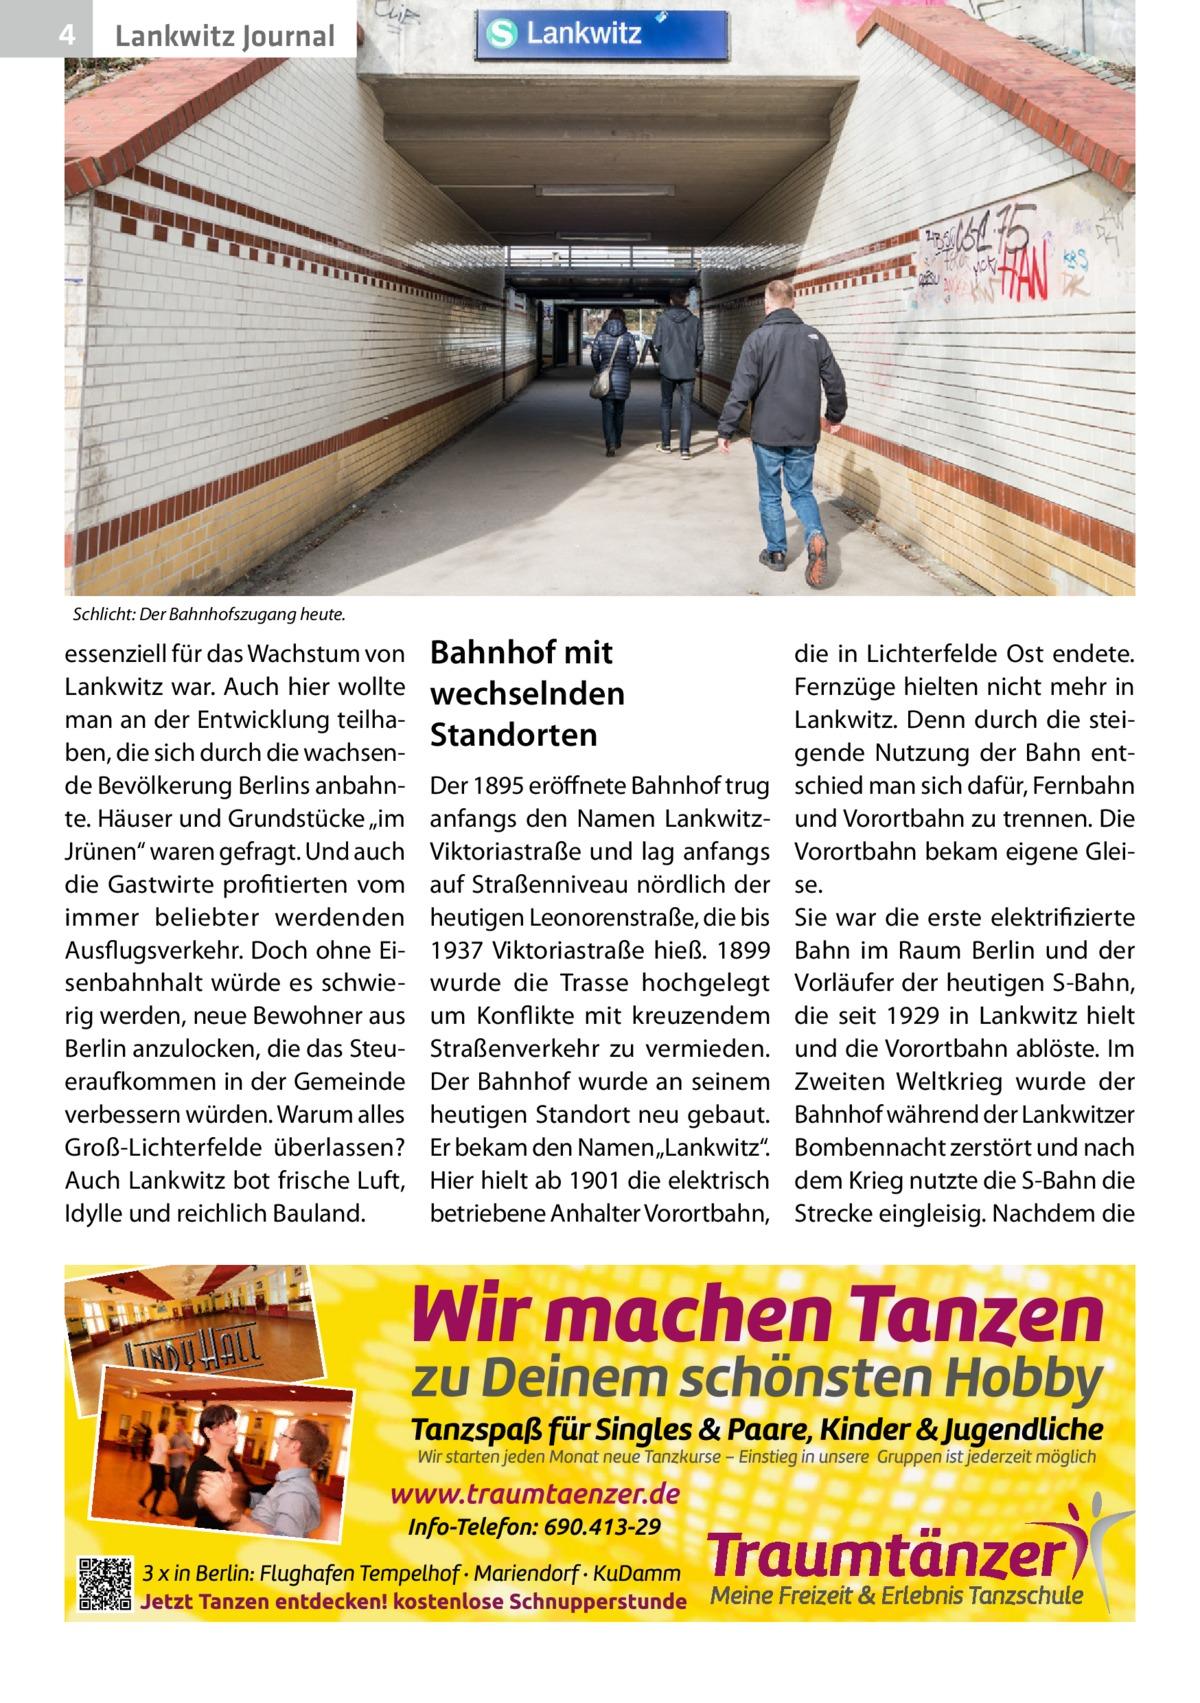 """4  Lankwitz Journal  Schlicht: Der Bahnhofszugang heute.  essenziell für das Wachstum von Lankwitz war. Auch hier wollte man an der Entwicklung teilhaben, die sich durch die wachsende Bevölkerung Berlins anbahnte. Häuser und Grundstücke """"im Jrünen"""" waren gefragt. Und auch die Gastwirte profitierten vom immer beliebter werdenden Ausflugsverkehr. Doch ohne Eisenbahnhalt würde es schwierig werden, neue Bewohner aus Berlin anzulocken, die das Steueraufkommen in der Gemeinde verbessern würden. Warum alles Groß-Lichterfelde überlassen? Auch Lankwitz bot frische Luft, Idylle und reichlich Bauland.  Bahnhof mit wechselnden Standorten Der 1895 eröffnete Bahnhof trug anfangs den Namen LankwitzViktoriastraße und lag anfangs auf Straßenniveau nördlich der heutigen Leonorenstraße, die bis 1937 Viktoriastraße hieß. 1899 wurde die Trasse hochgelegt um Konflikte mit kreuzendem Straßenverkehr zu vermieden. Der Bahnhof wurde an seinem heutigen Standort neu gebaut. Er bekam den Namen """"Lankwitz"""". Hier hielt ab 1901 die elektrisch betriebene Anhalter Vorortbahn,  die in Lichterfelde Ost endete. Fernzüge hielten nicht mehr in Lankwitz. Denn durch die steigende Nutzung der Bahn entschied man sich dafür, Fernbahn und Vorortbahn zu trennen. Die Vorortbahn bekam eigene Gleise. Sie war die erste elektrifizierte Bahn im Raum Berlin und der Vorläufer der heutigen S-Bahn, die seit 1929 in Lankwitz hielt und die Vorortbahn ablöste. Im Zweiten Weltkrieg wurde der Bahnhof während der Lankwitzer Bombennacht zerstört und nach dem Krieg nutzte die S-Bahn die Strecke eingleisig. Nachdem die"""